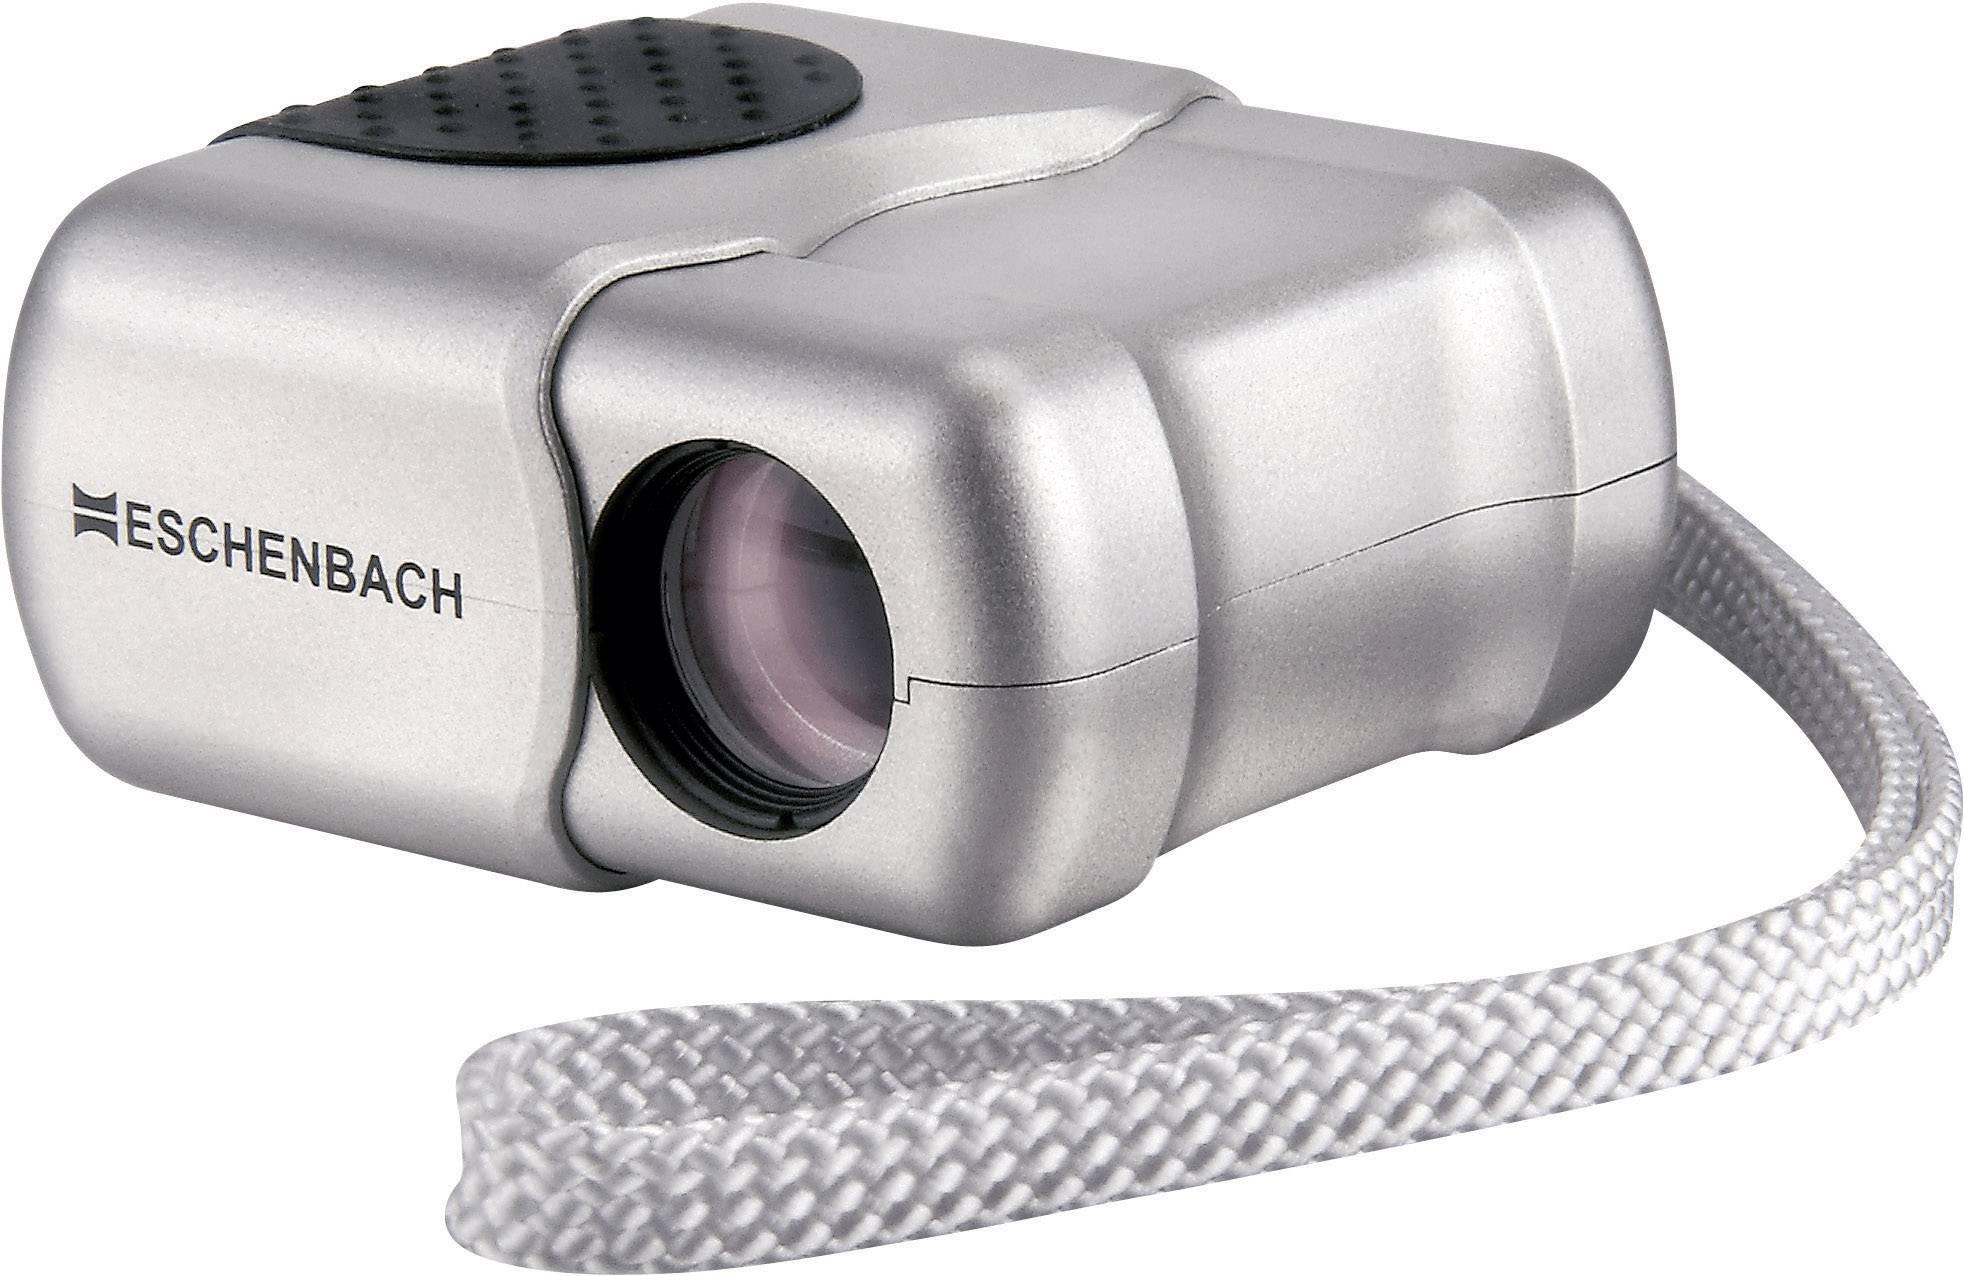 Monokulární Eschenbach microlux 13 mm stříbrná/antracitová